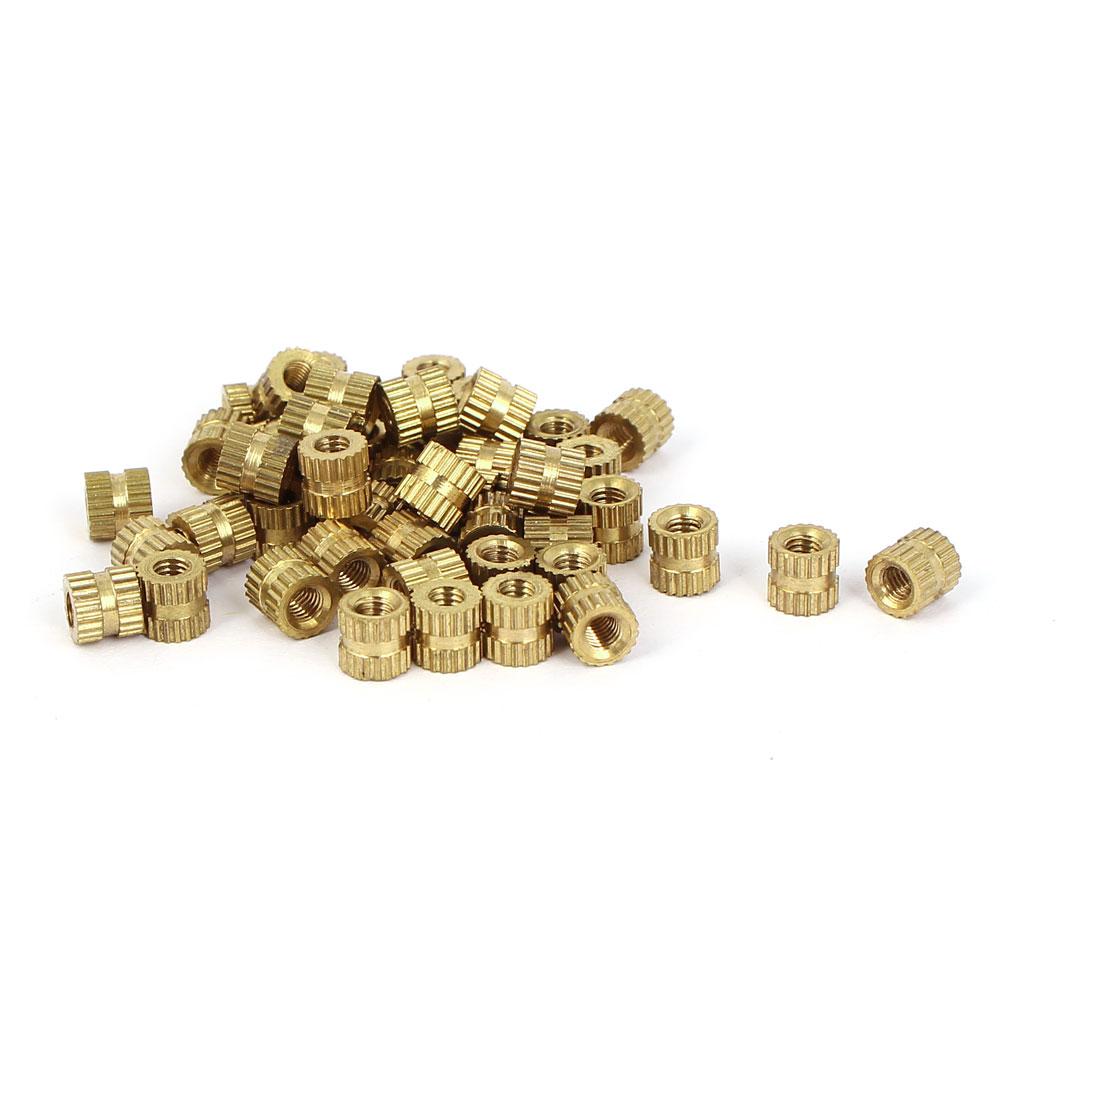 M3x5mm 5mm OD Brass Embedded Knurled Insert Thumb Nuts 50pcs